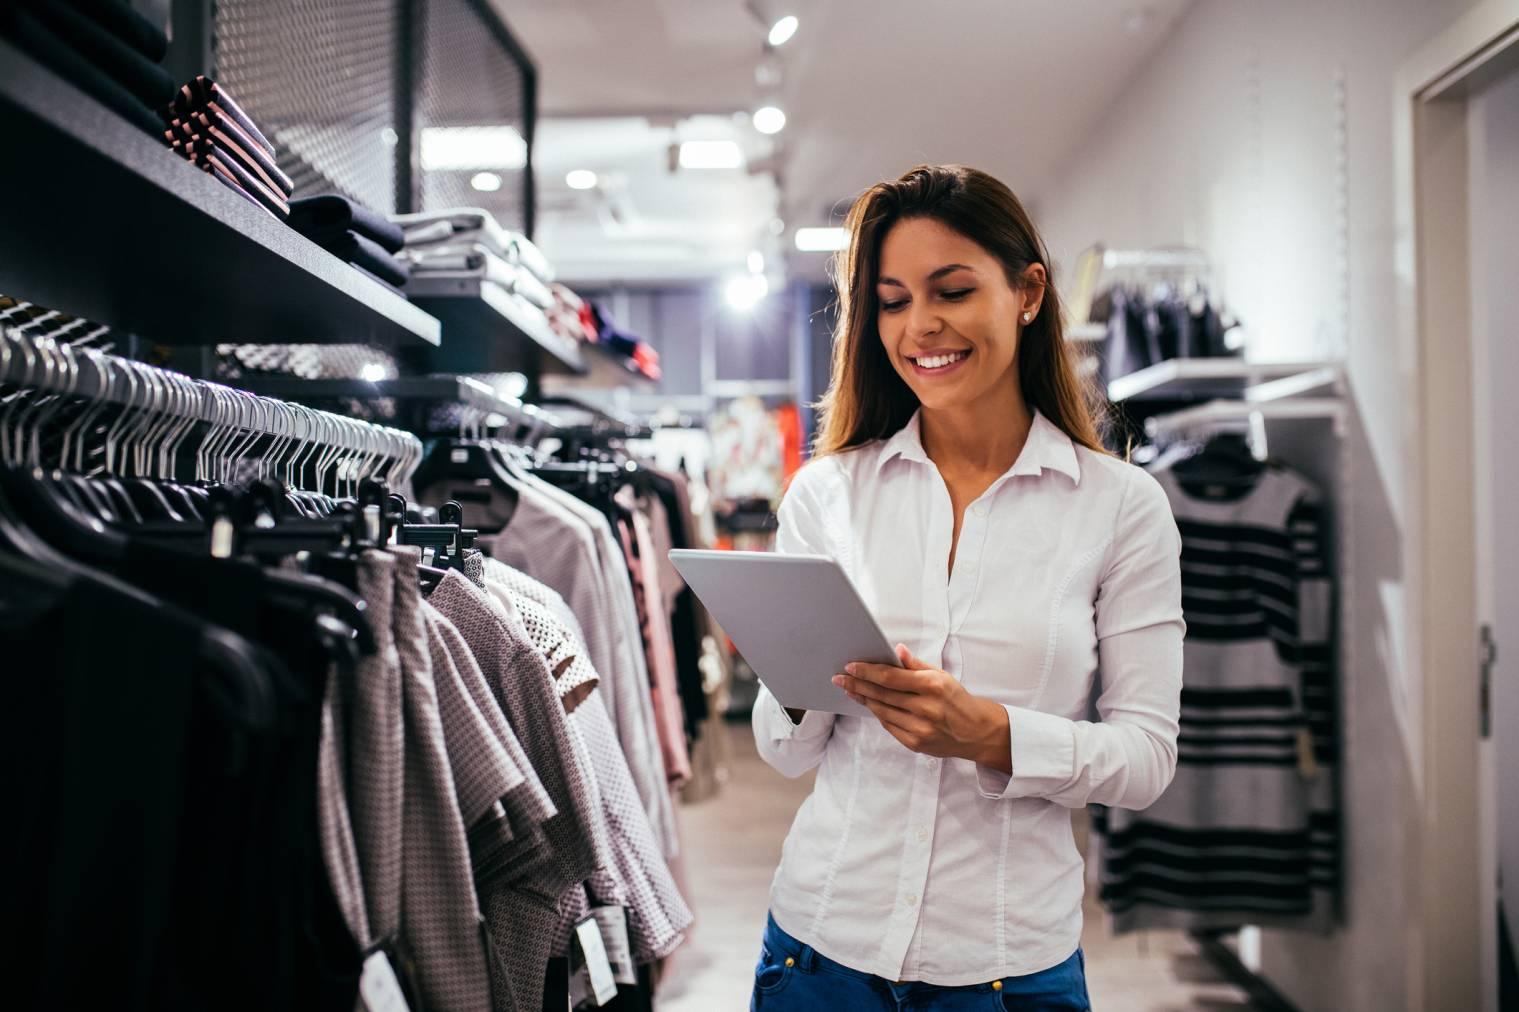 Définition de Retail : Dernier maillon de la chaîne de distribution